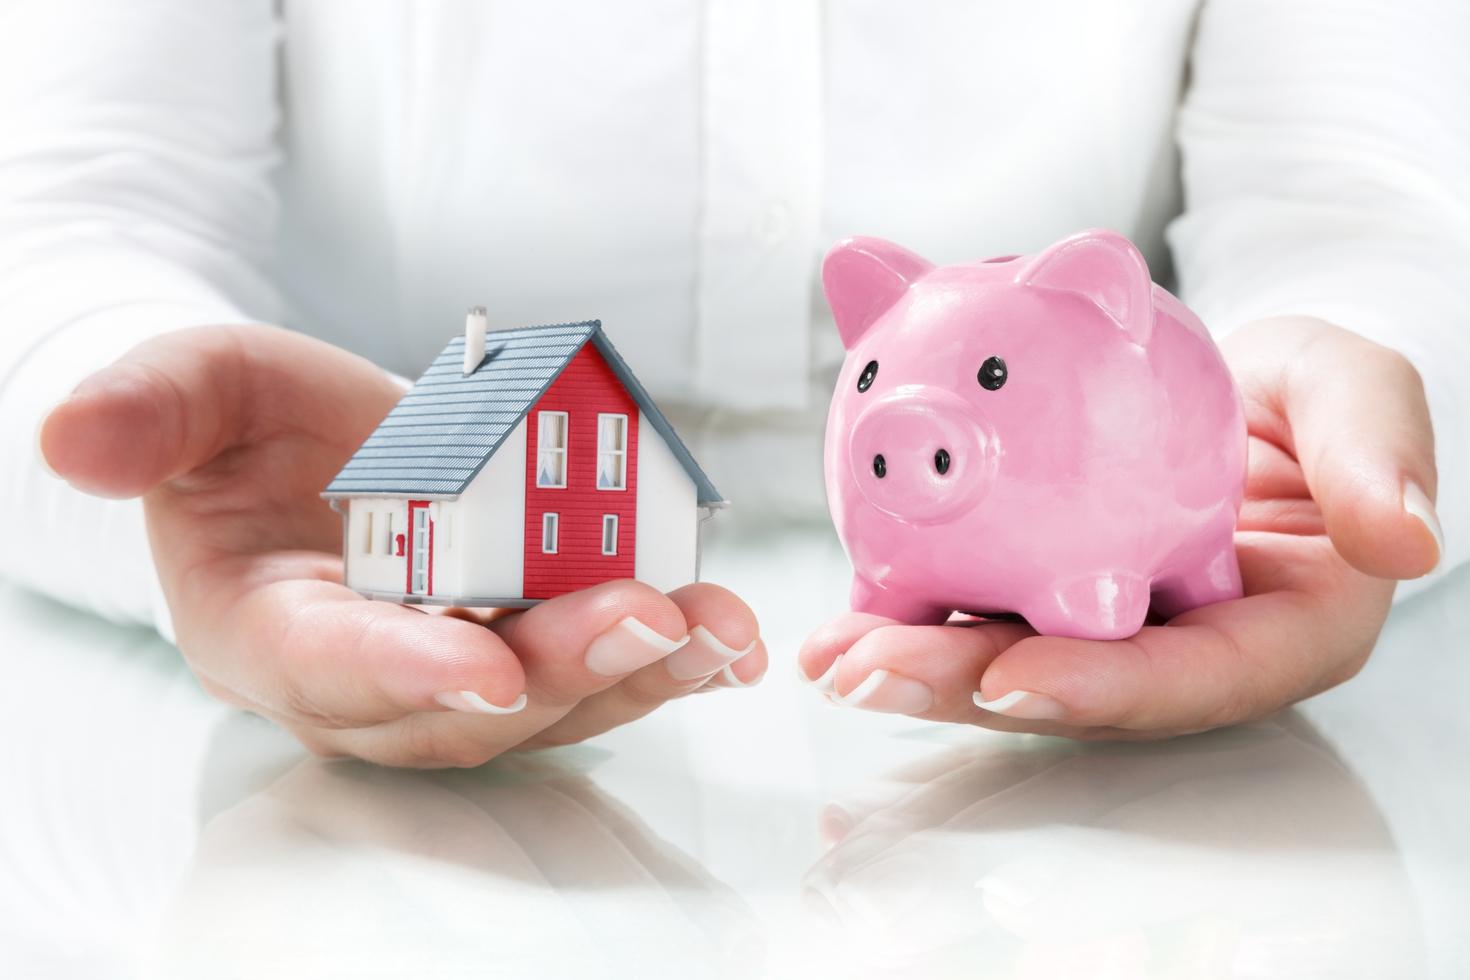 Банки не готовы снизить первый взнос по ипотеке вслед за Сбербанком